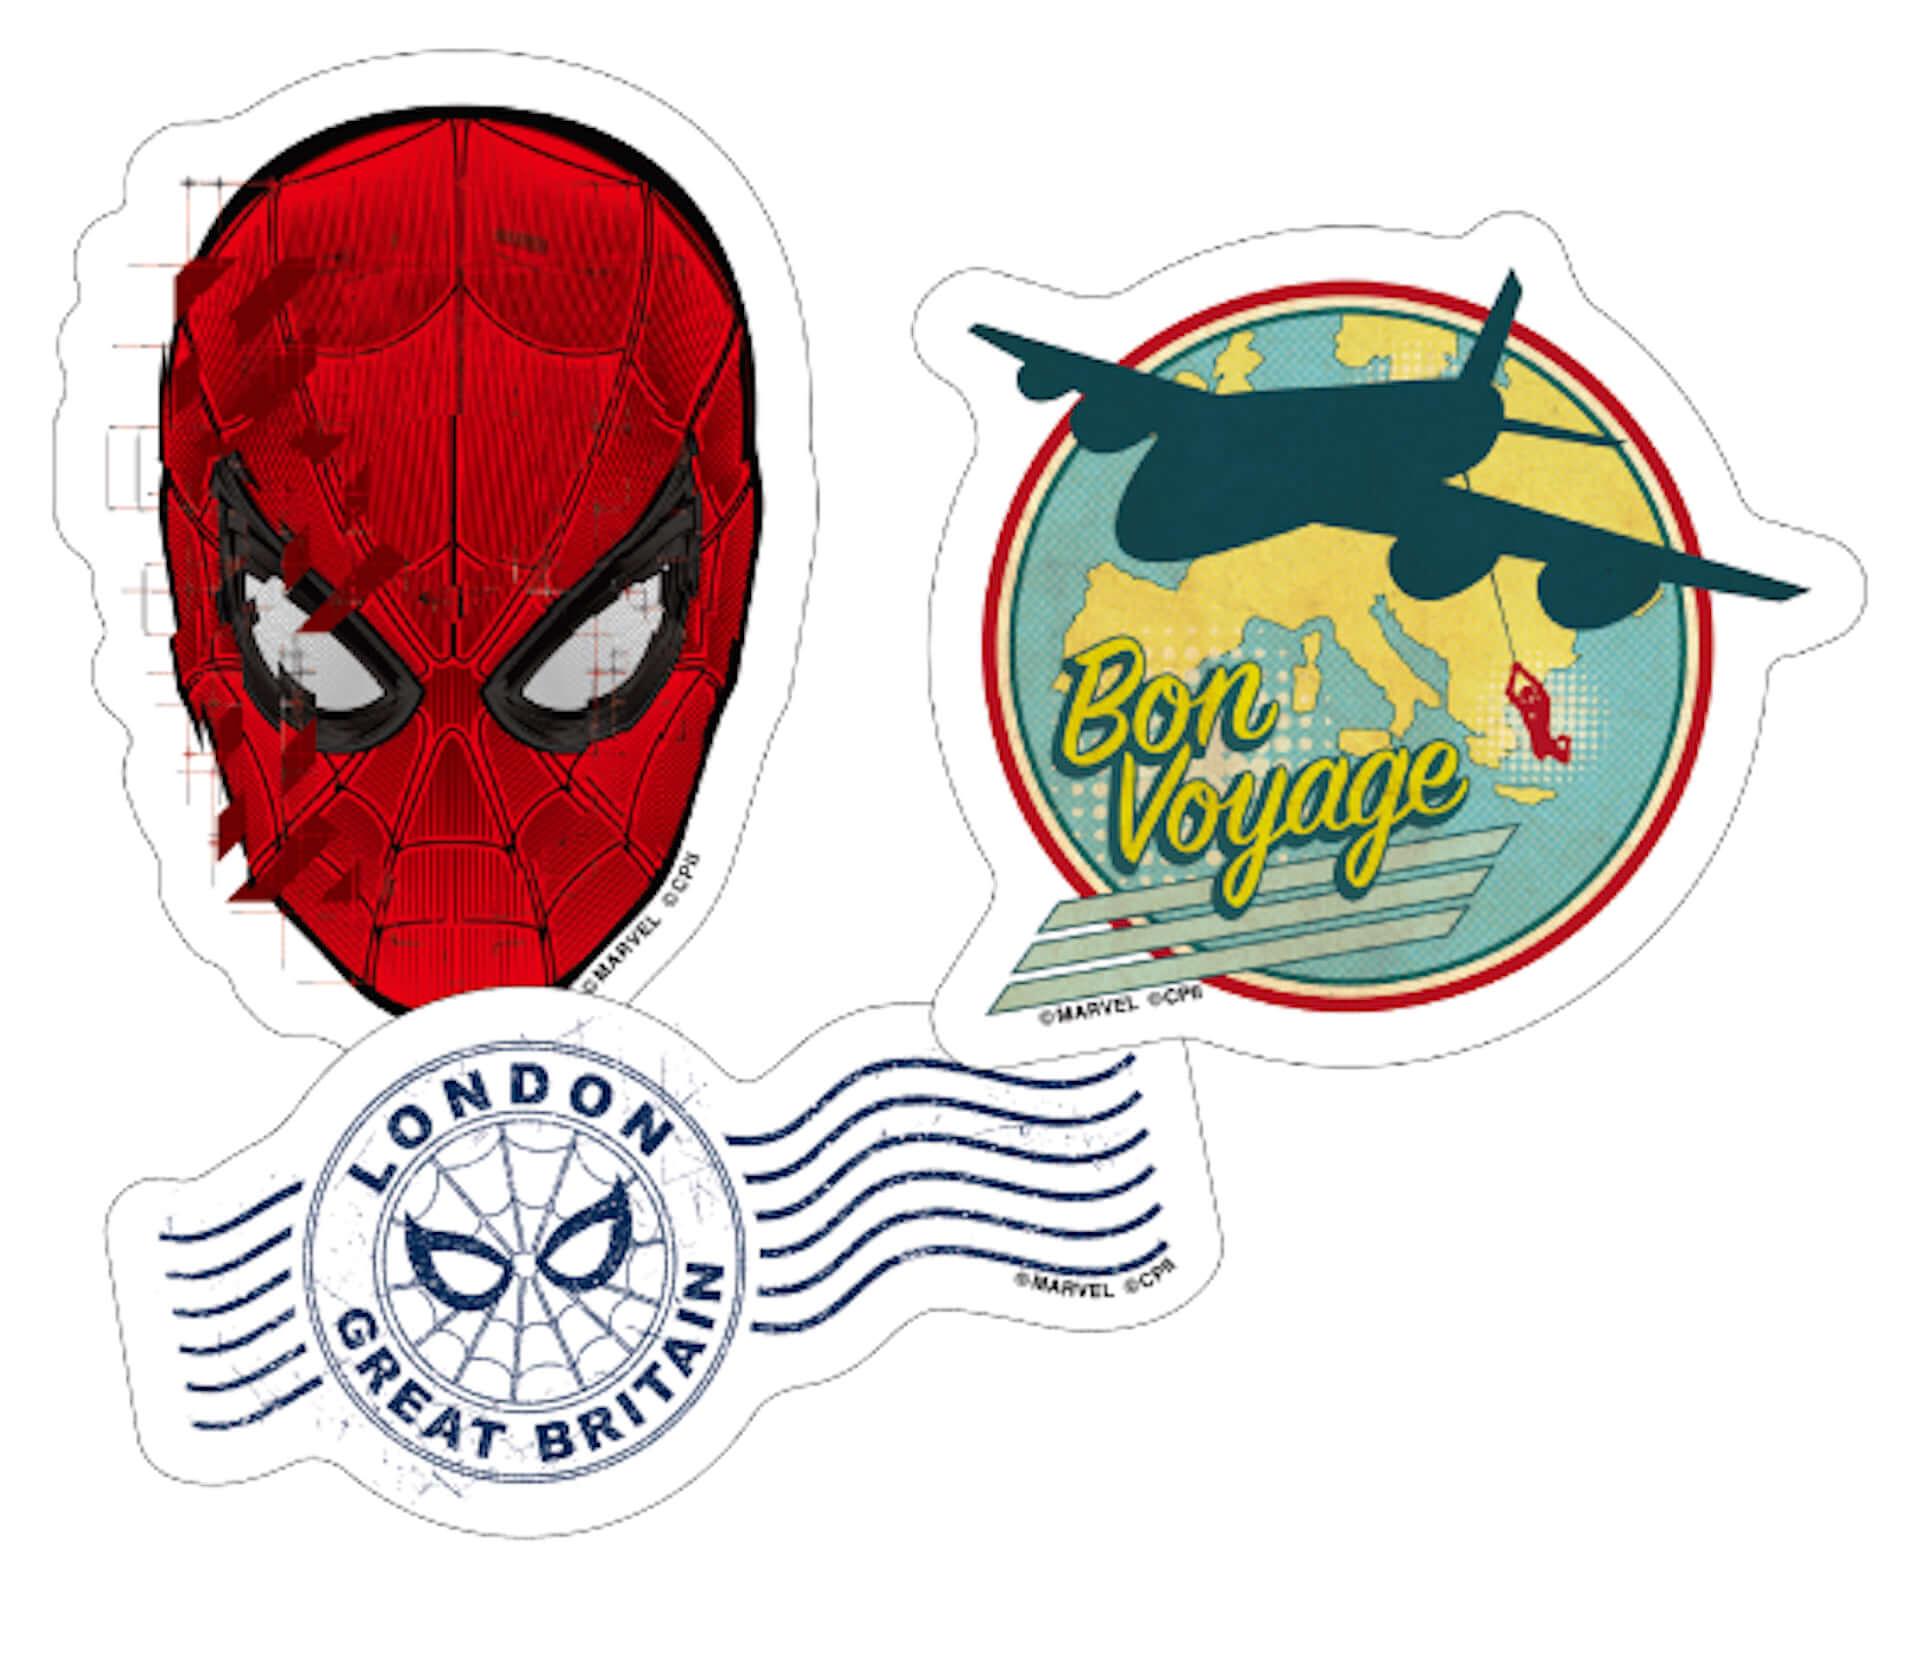 映画「スパイダーマン」最新作の超レアグッズが当たる!Happyくじ『スパイダーマン:ファー・フロム・ホーム』登場 art190628_spiderman_lot_10-1920x1656